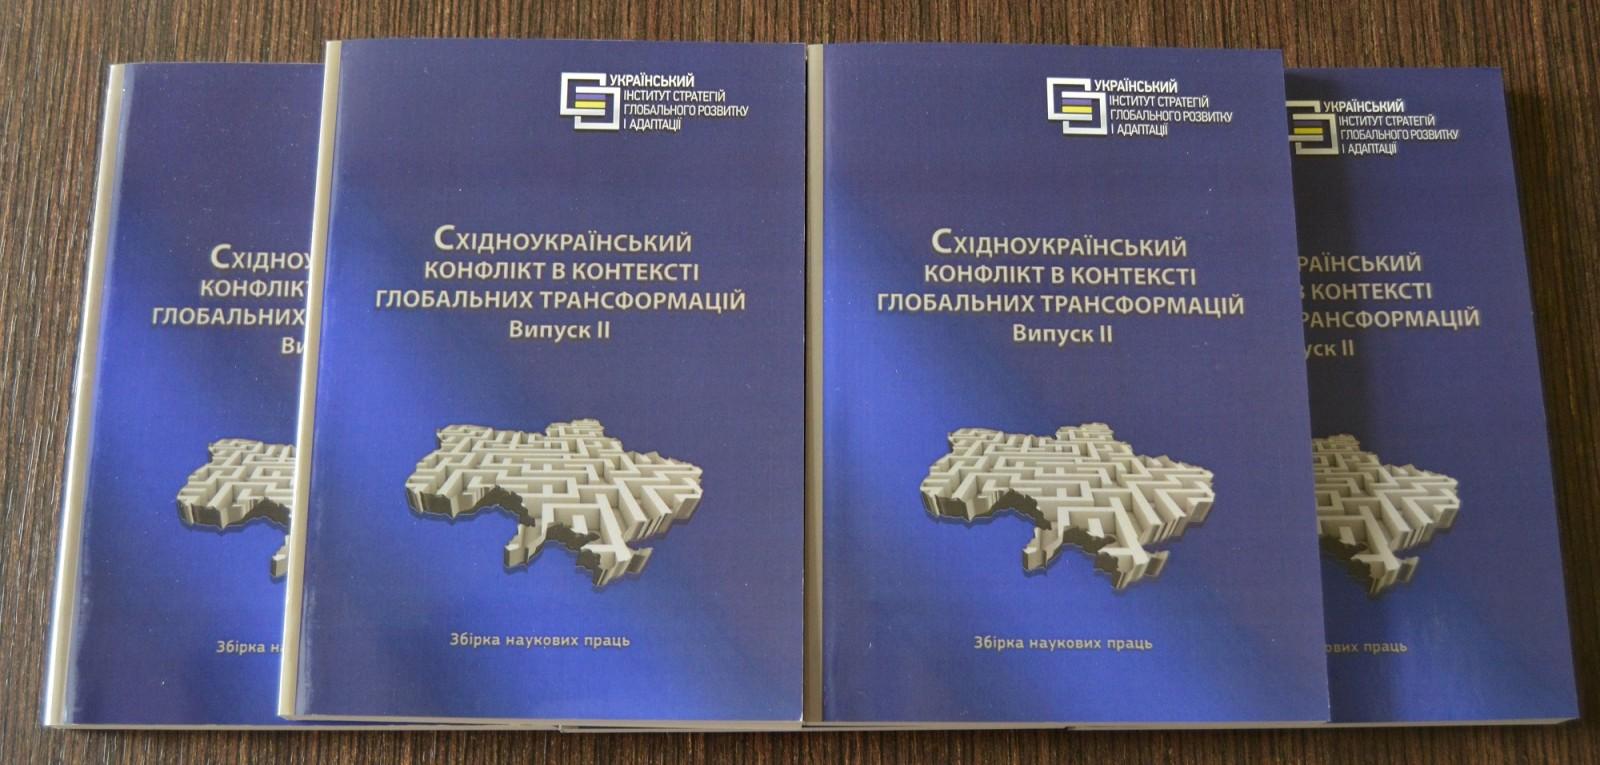 УІСГРА видав другу збірку статей про конфлікт на Донбасі